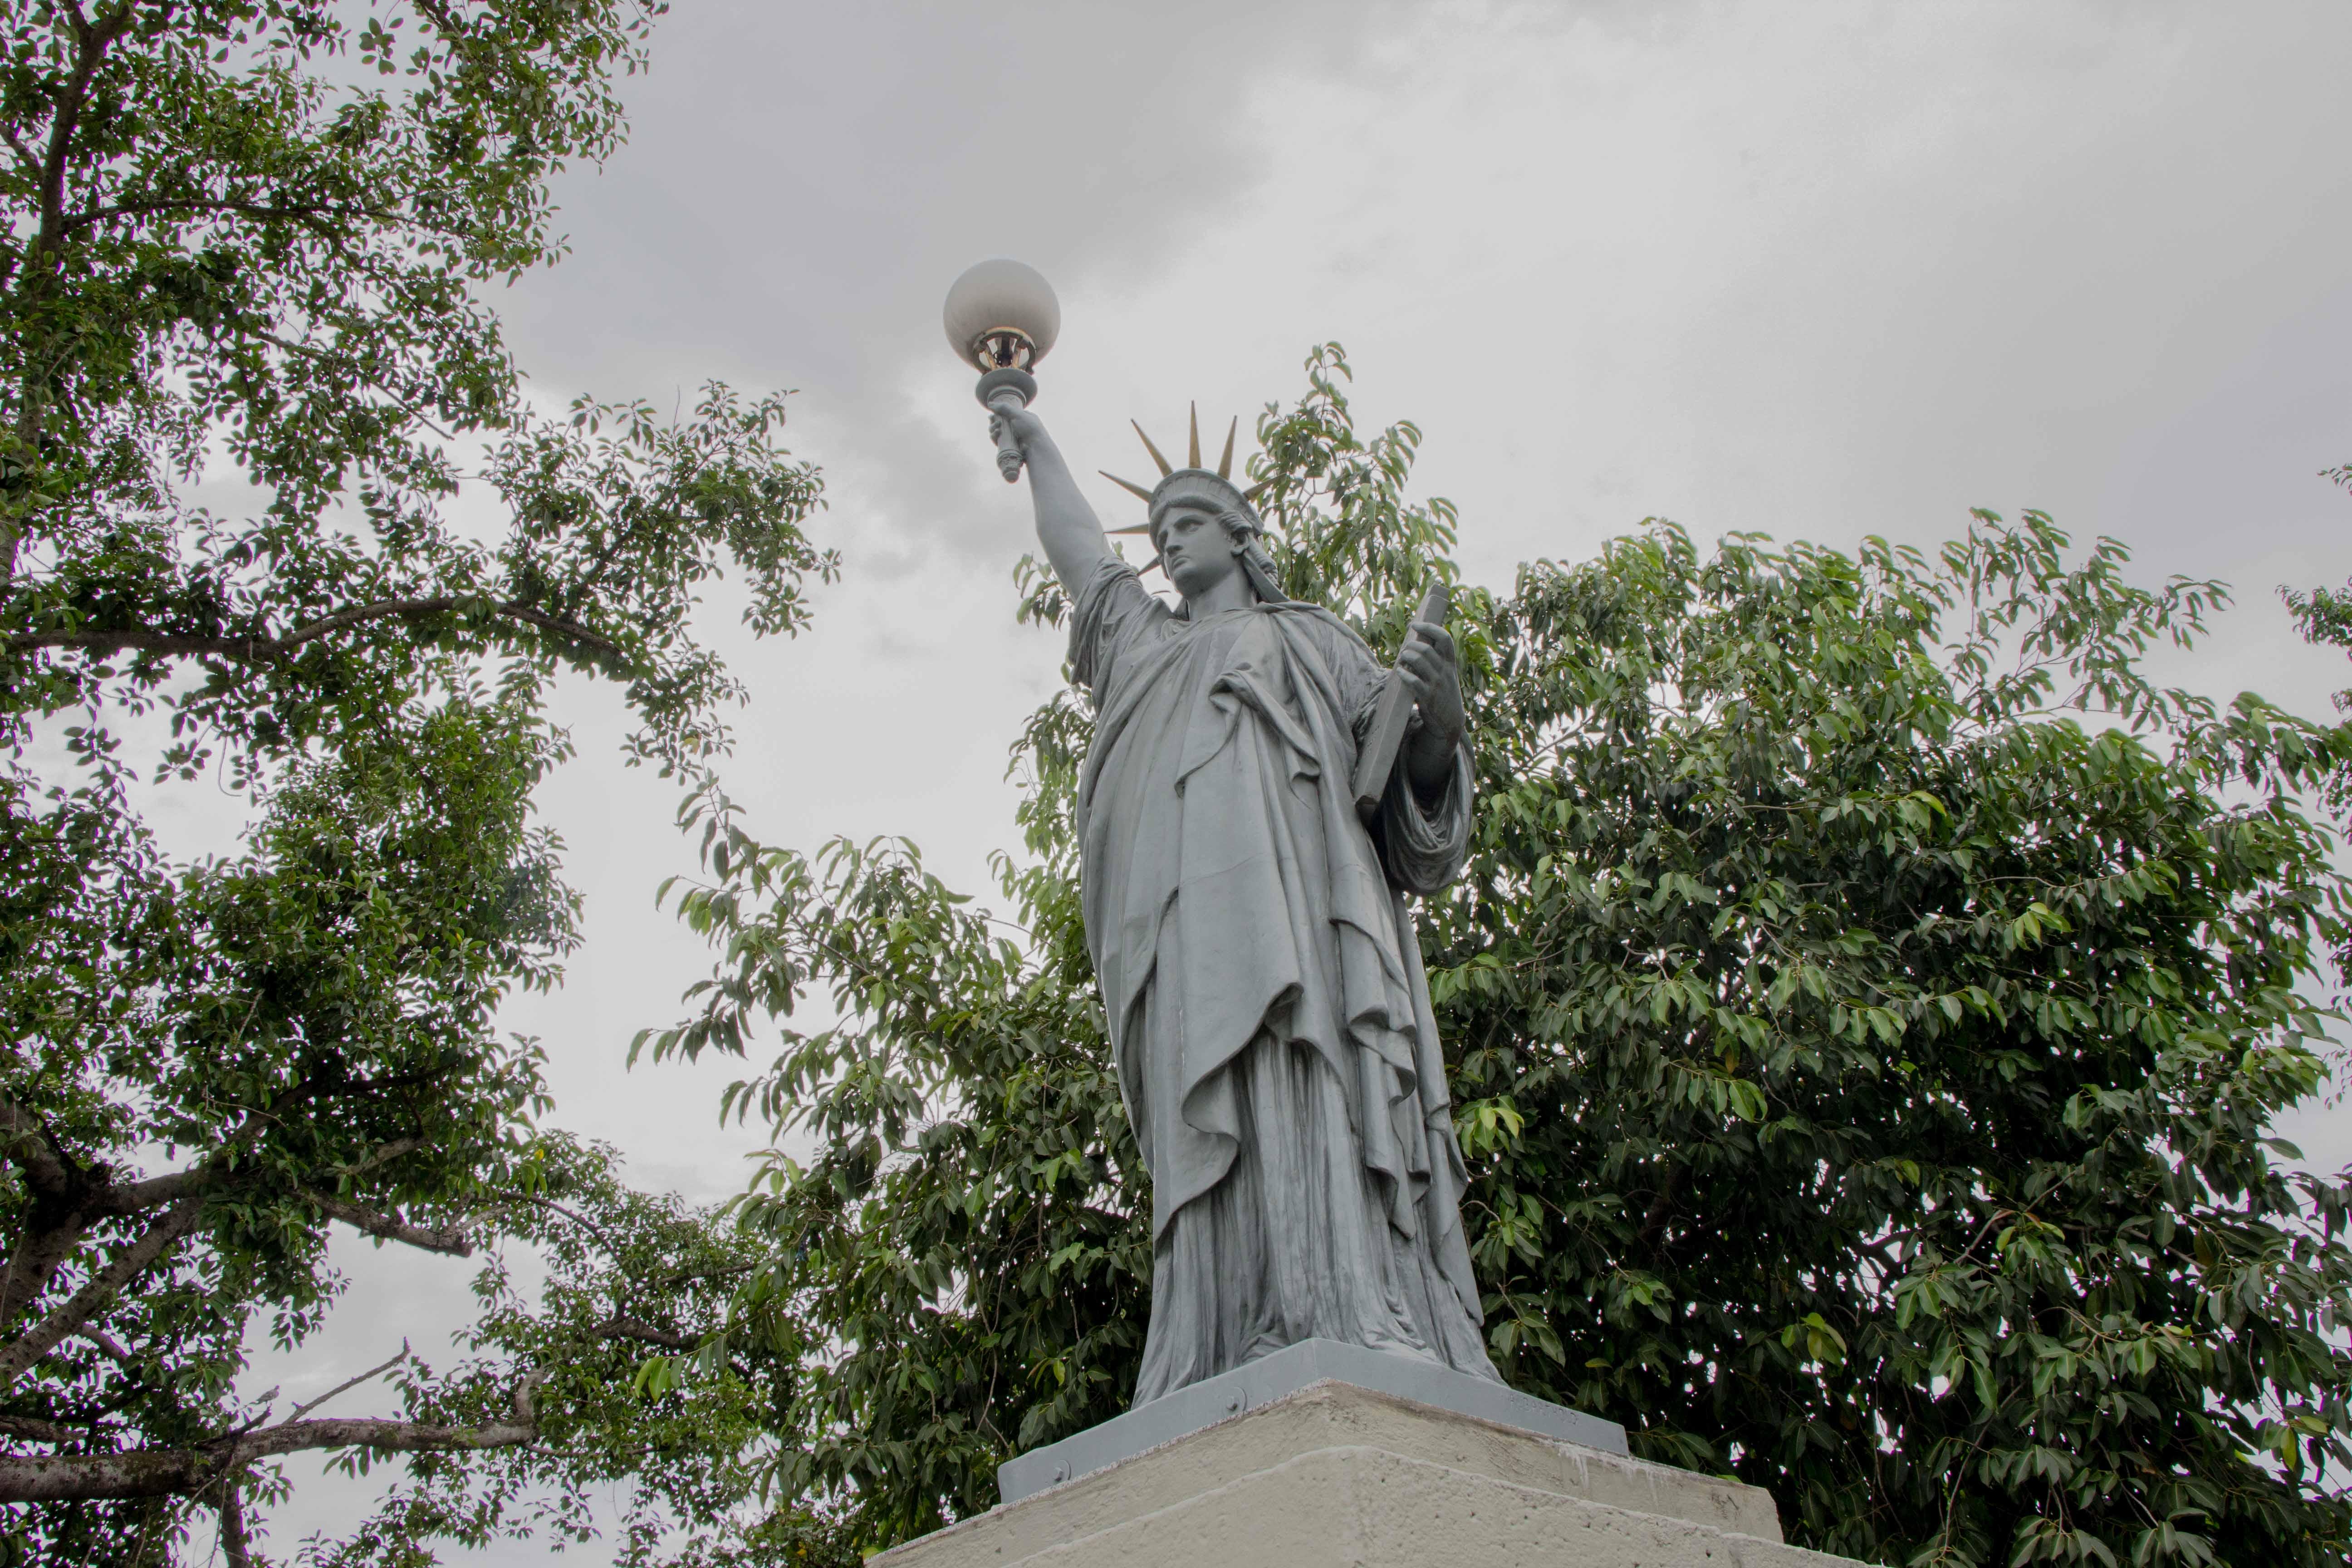 A estátua foi uma encomenda a Bartholdi pela família Paranhos, em 1899, dez anos após a Proclamação da República do Brasil - Foto: Renato Moura/Jornal Voz Das Comunidades